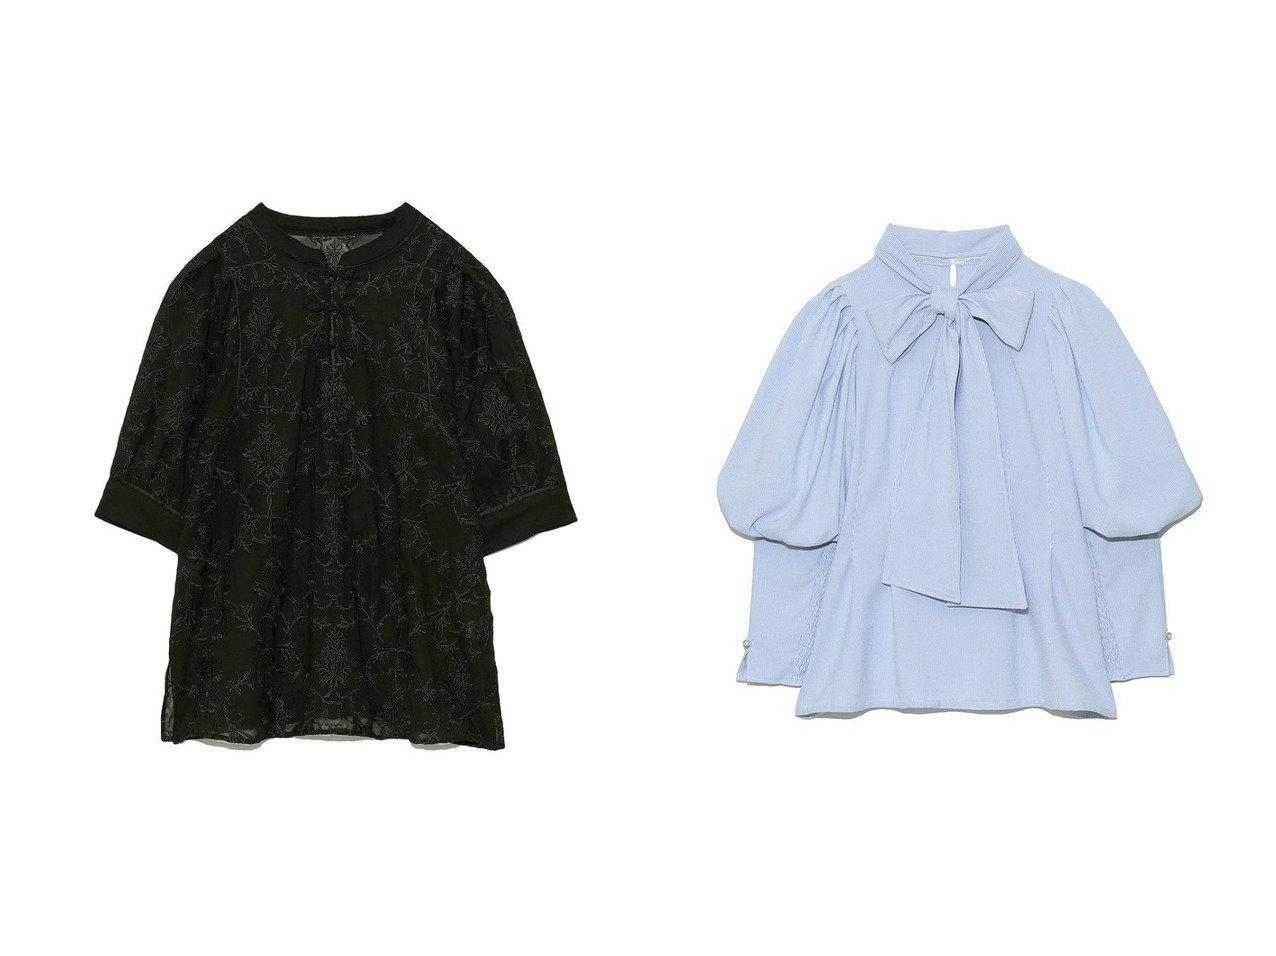 【Lily Brown/リリーブラウン】のオリエンタル刺繍チャイナトップス&2wayパワショルブラウス 【トップス・カットソー】おすすめ!人気、トレンド・レディースファッションの通販 おすすめで人気の流行・トレンド、ファッションの通販商品 インテリア・家具・メンズファッション・キッズファッション・レディースファッション・服の通販 founy(ファニー) https://founy.com/ ファッション Fashion レディースファッション WOMEN トップス・カットソー Tops/Tshirt シャツ/ブラウス Shirts/Blouses イエロー オリエンタル ヴィンテージ ガウン スリット 定番 Standard ボトム ワイド 再入荷 Restock/Back in Stock/Re Arrival NEW・新作・新着・新入荷 New Arrivals カフス スリーブ タイプライター トレンド ロング 半袖 春 Spring |ID:crp329100000041757